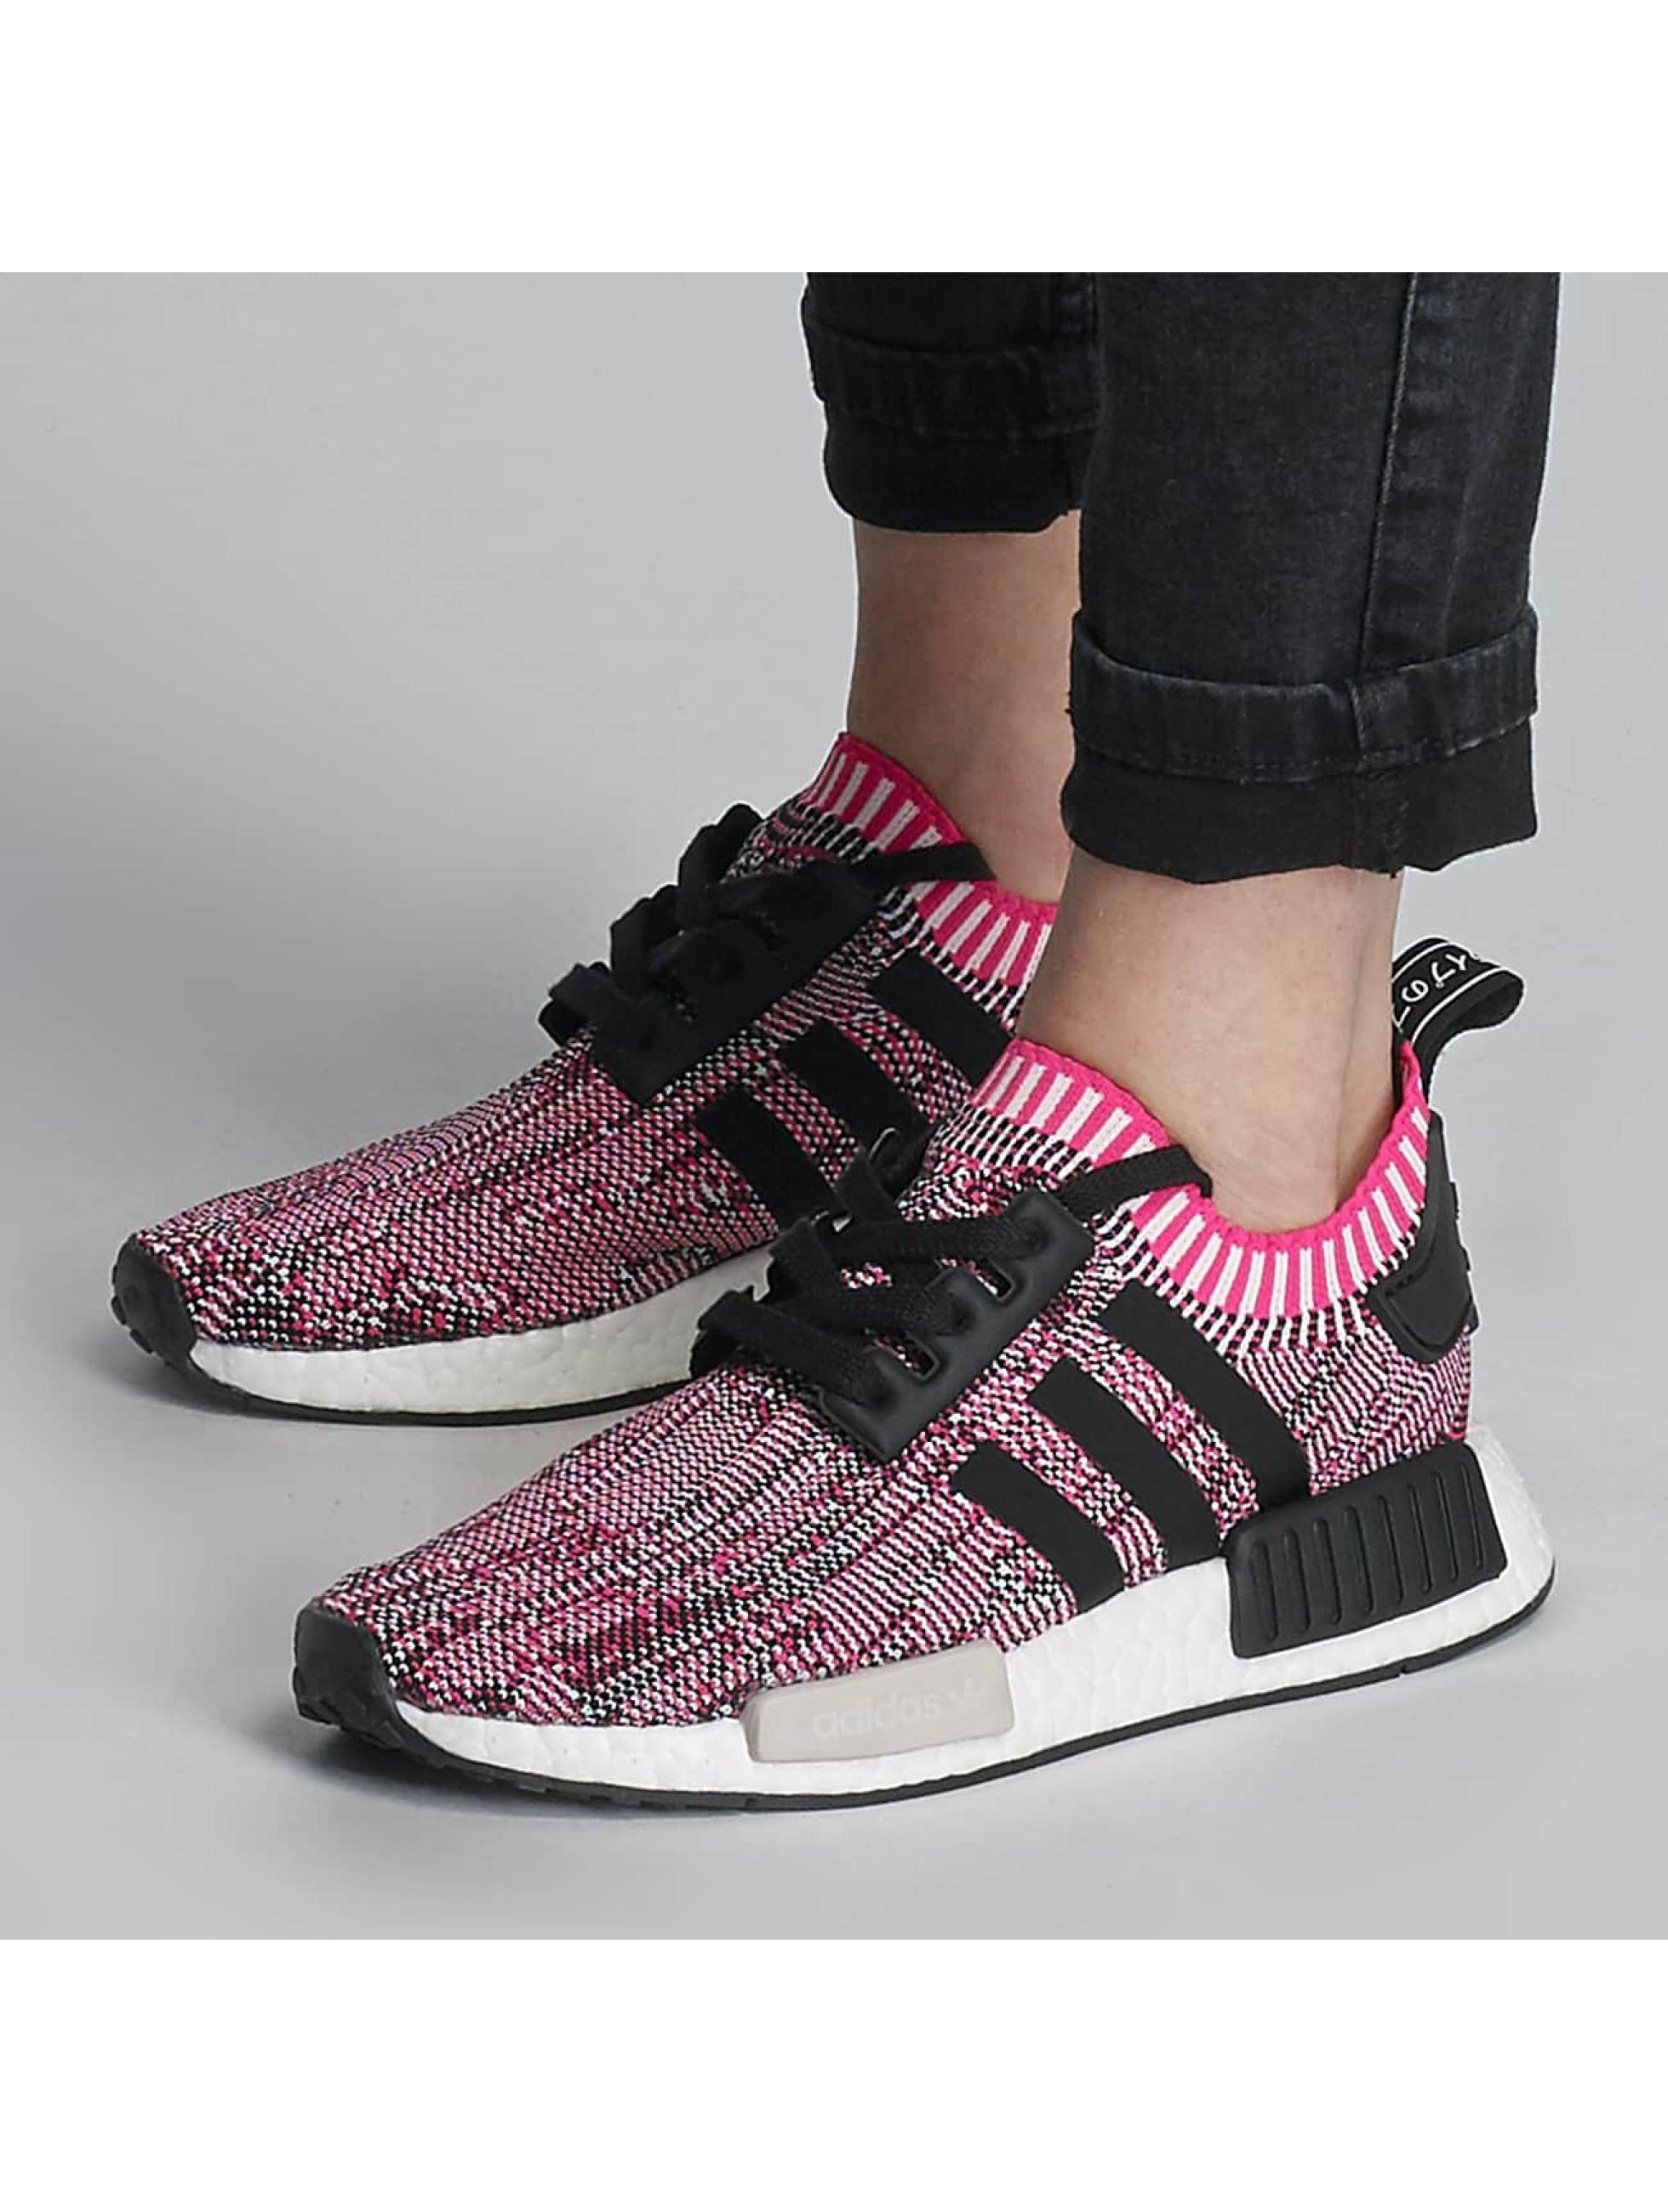 Sneaker NMD R1 Primeknit in pink